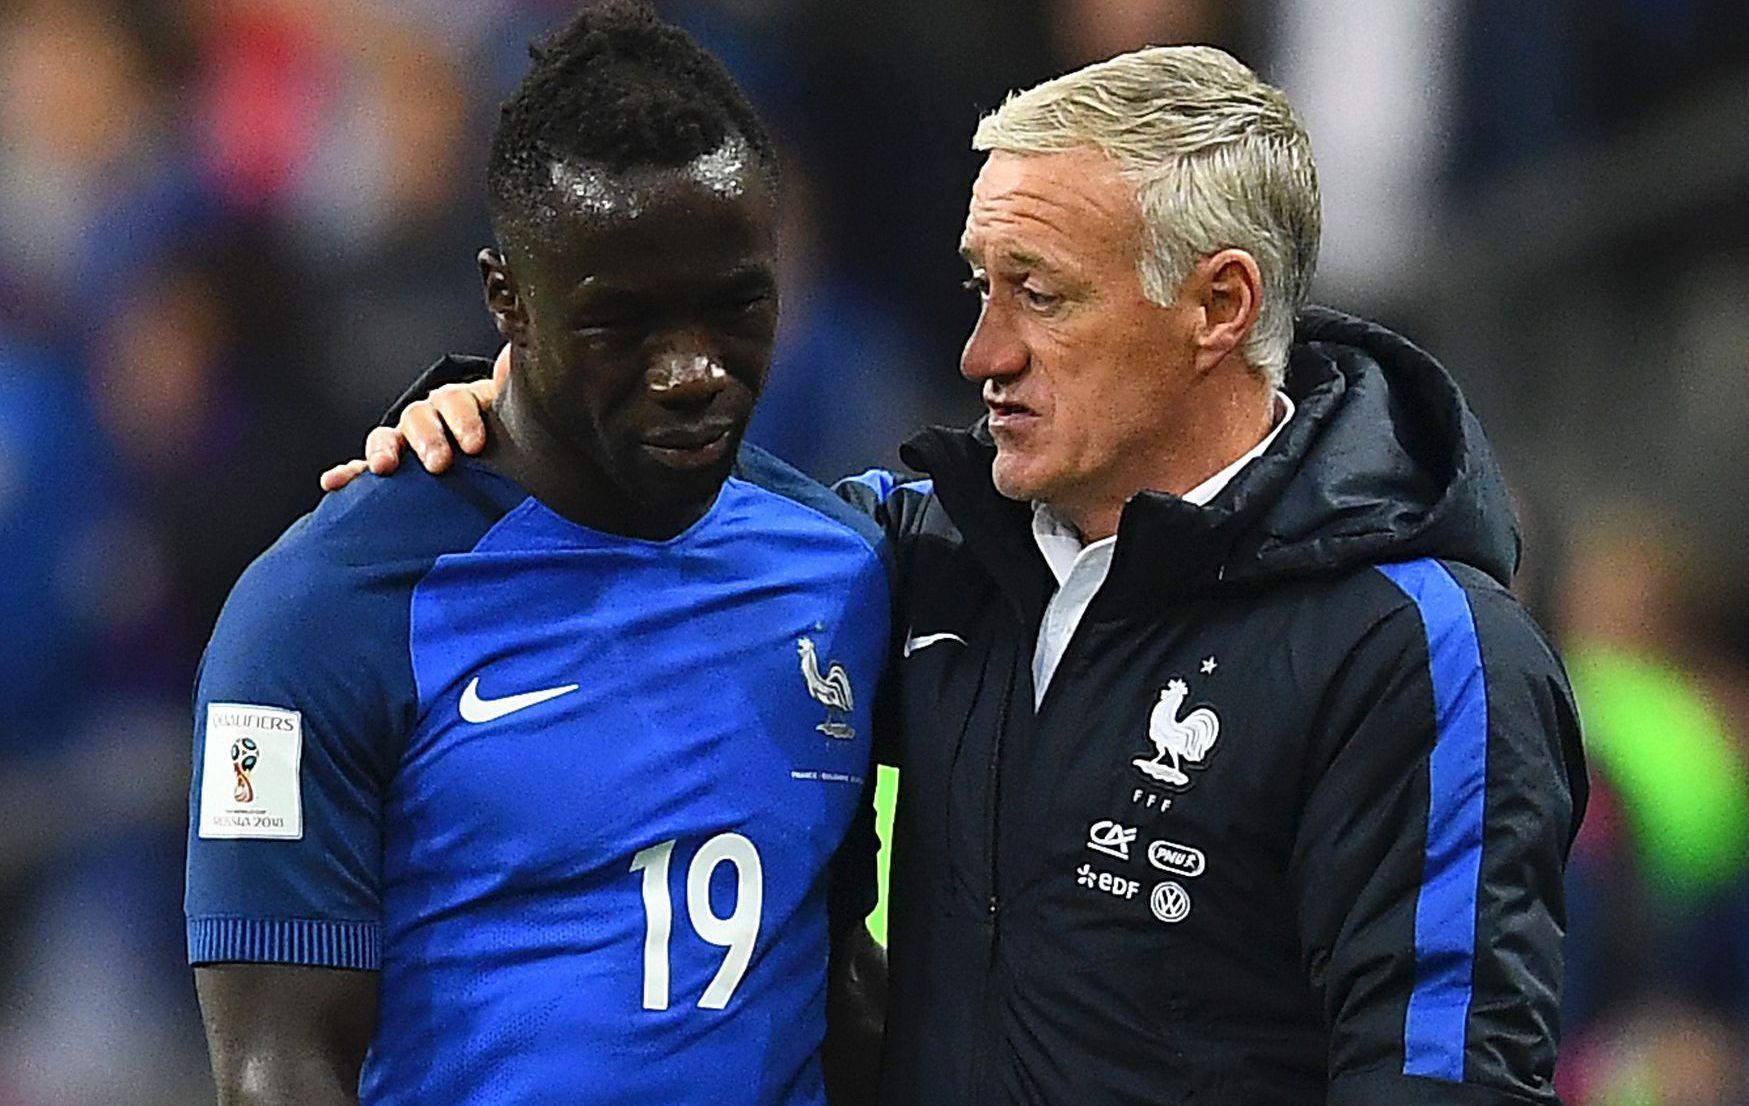 Football - Equipe de France - Bleus: Sagna blessé, Deschamps convoque Corchia